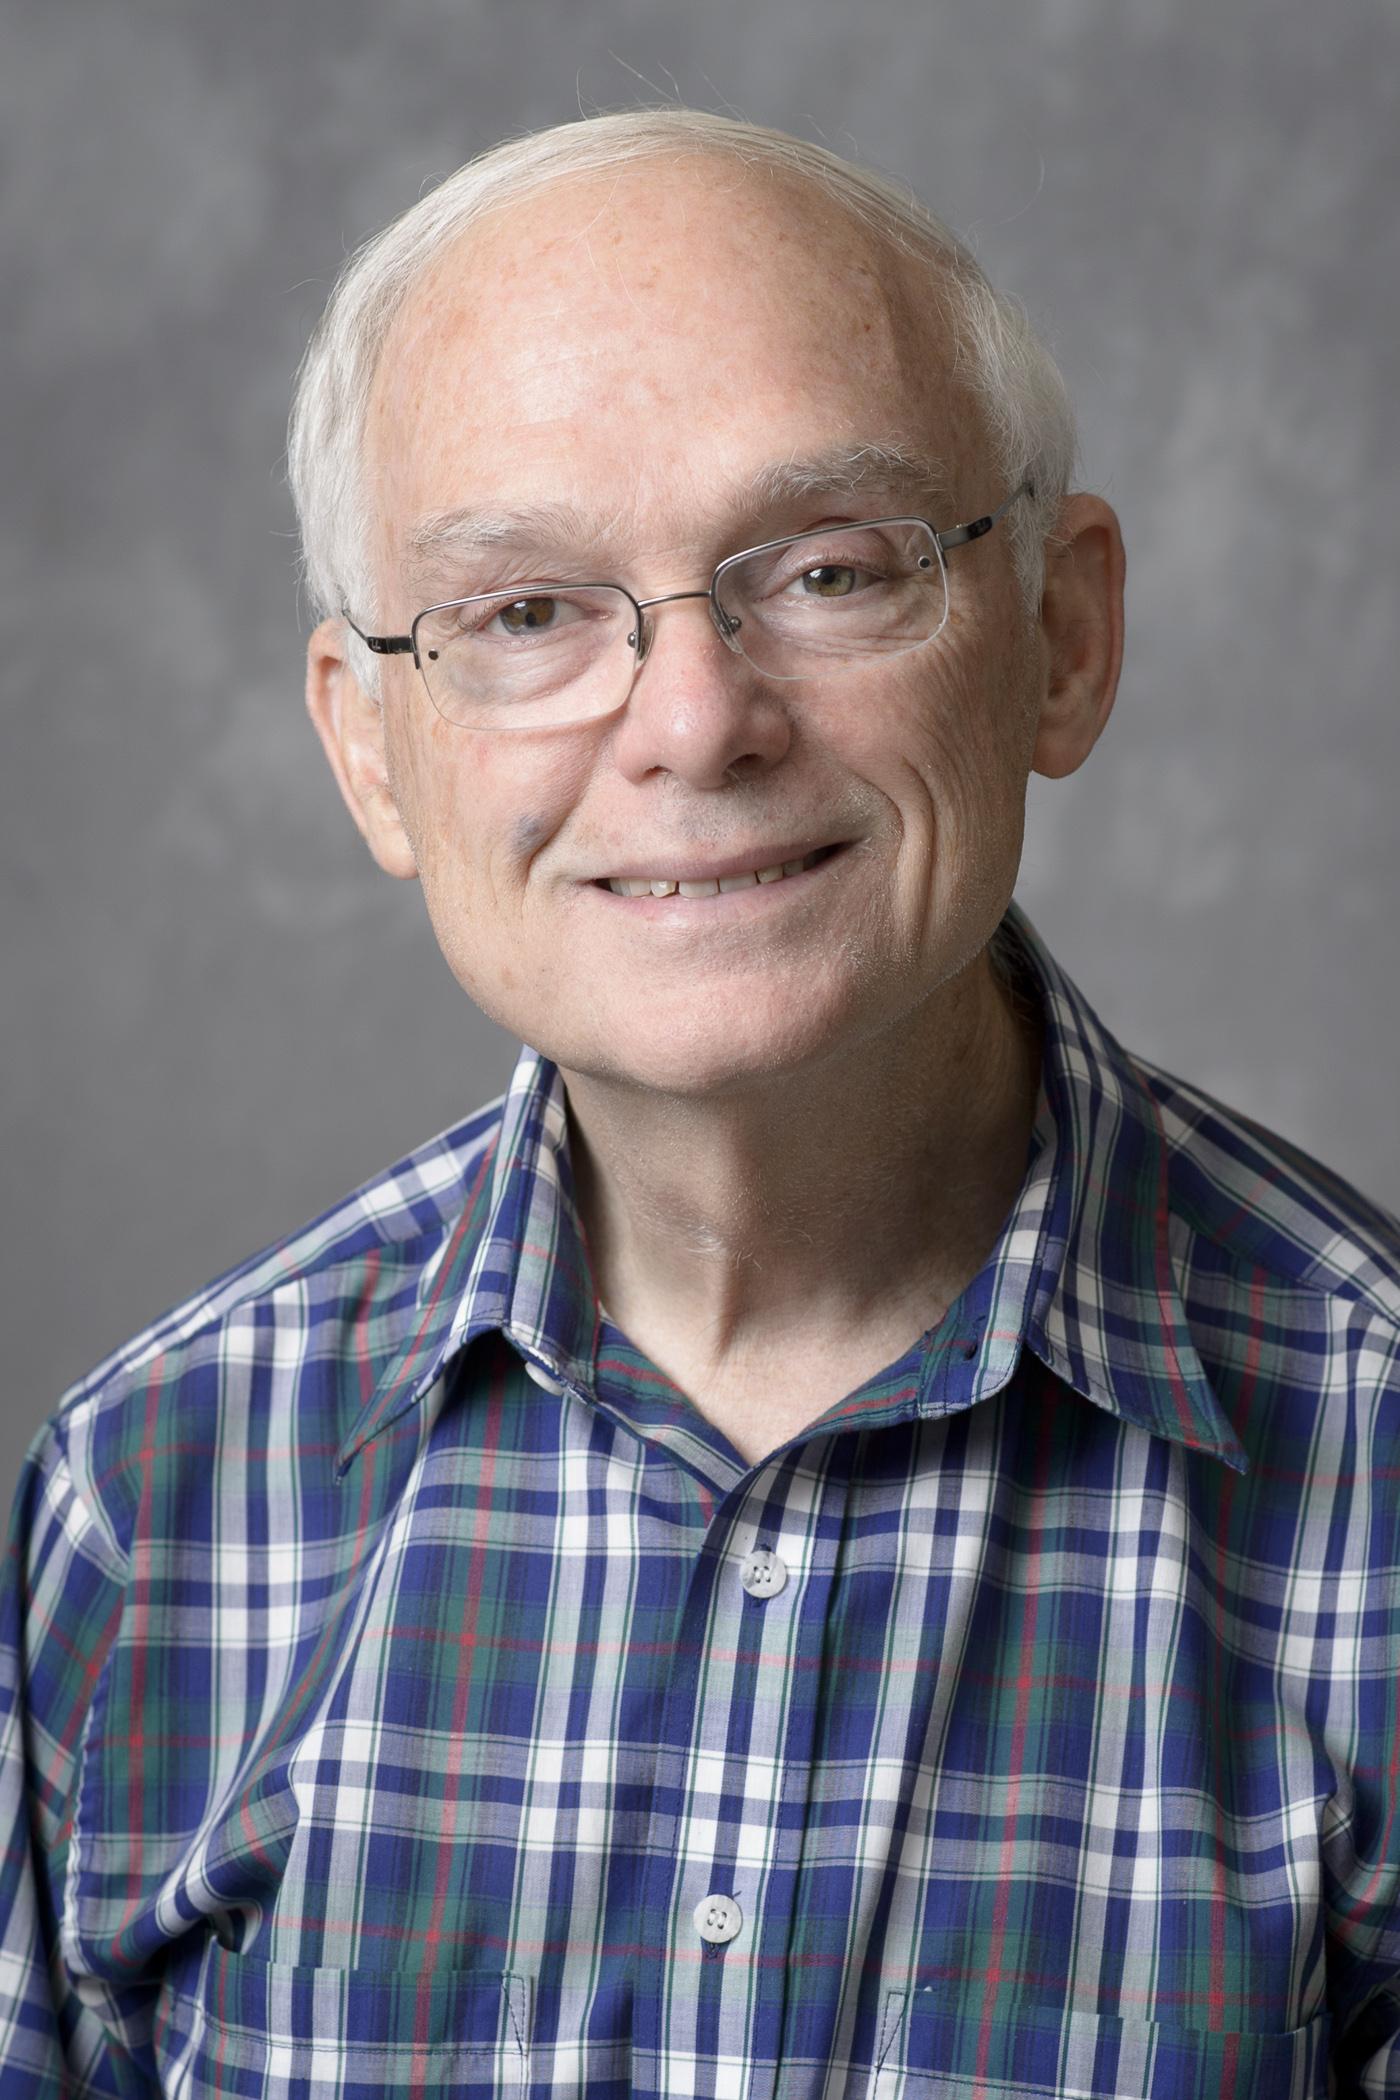 Dr. Richard Penney